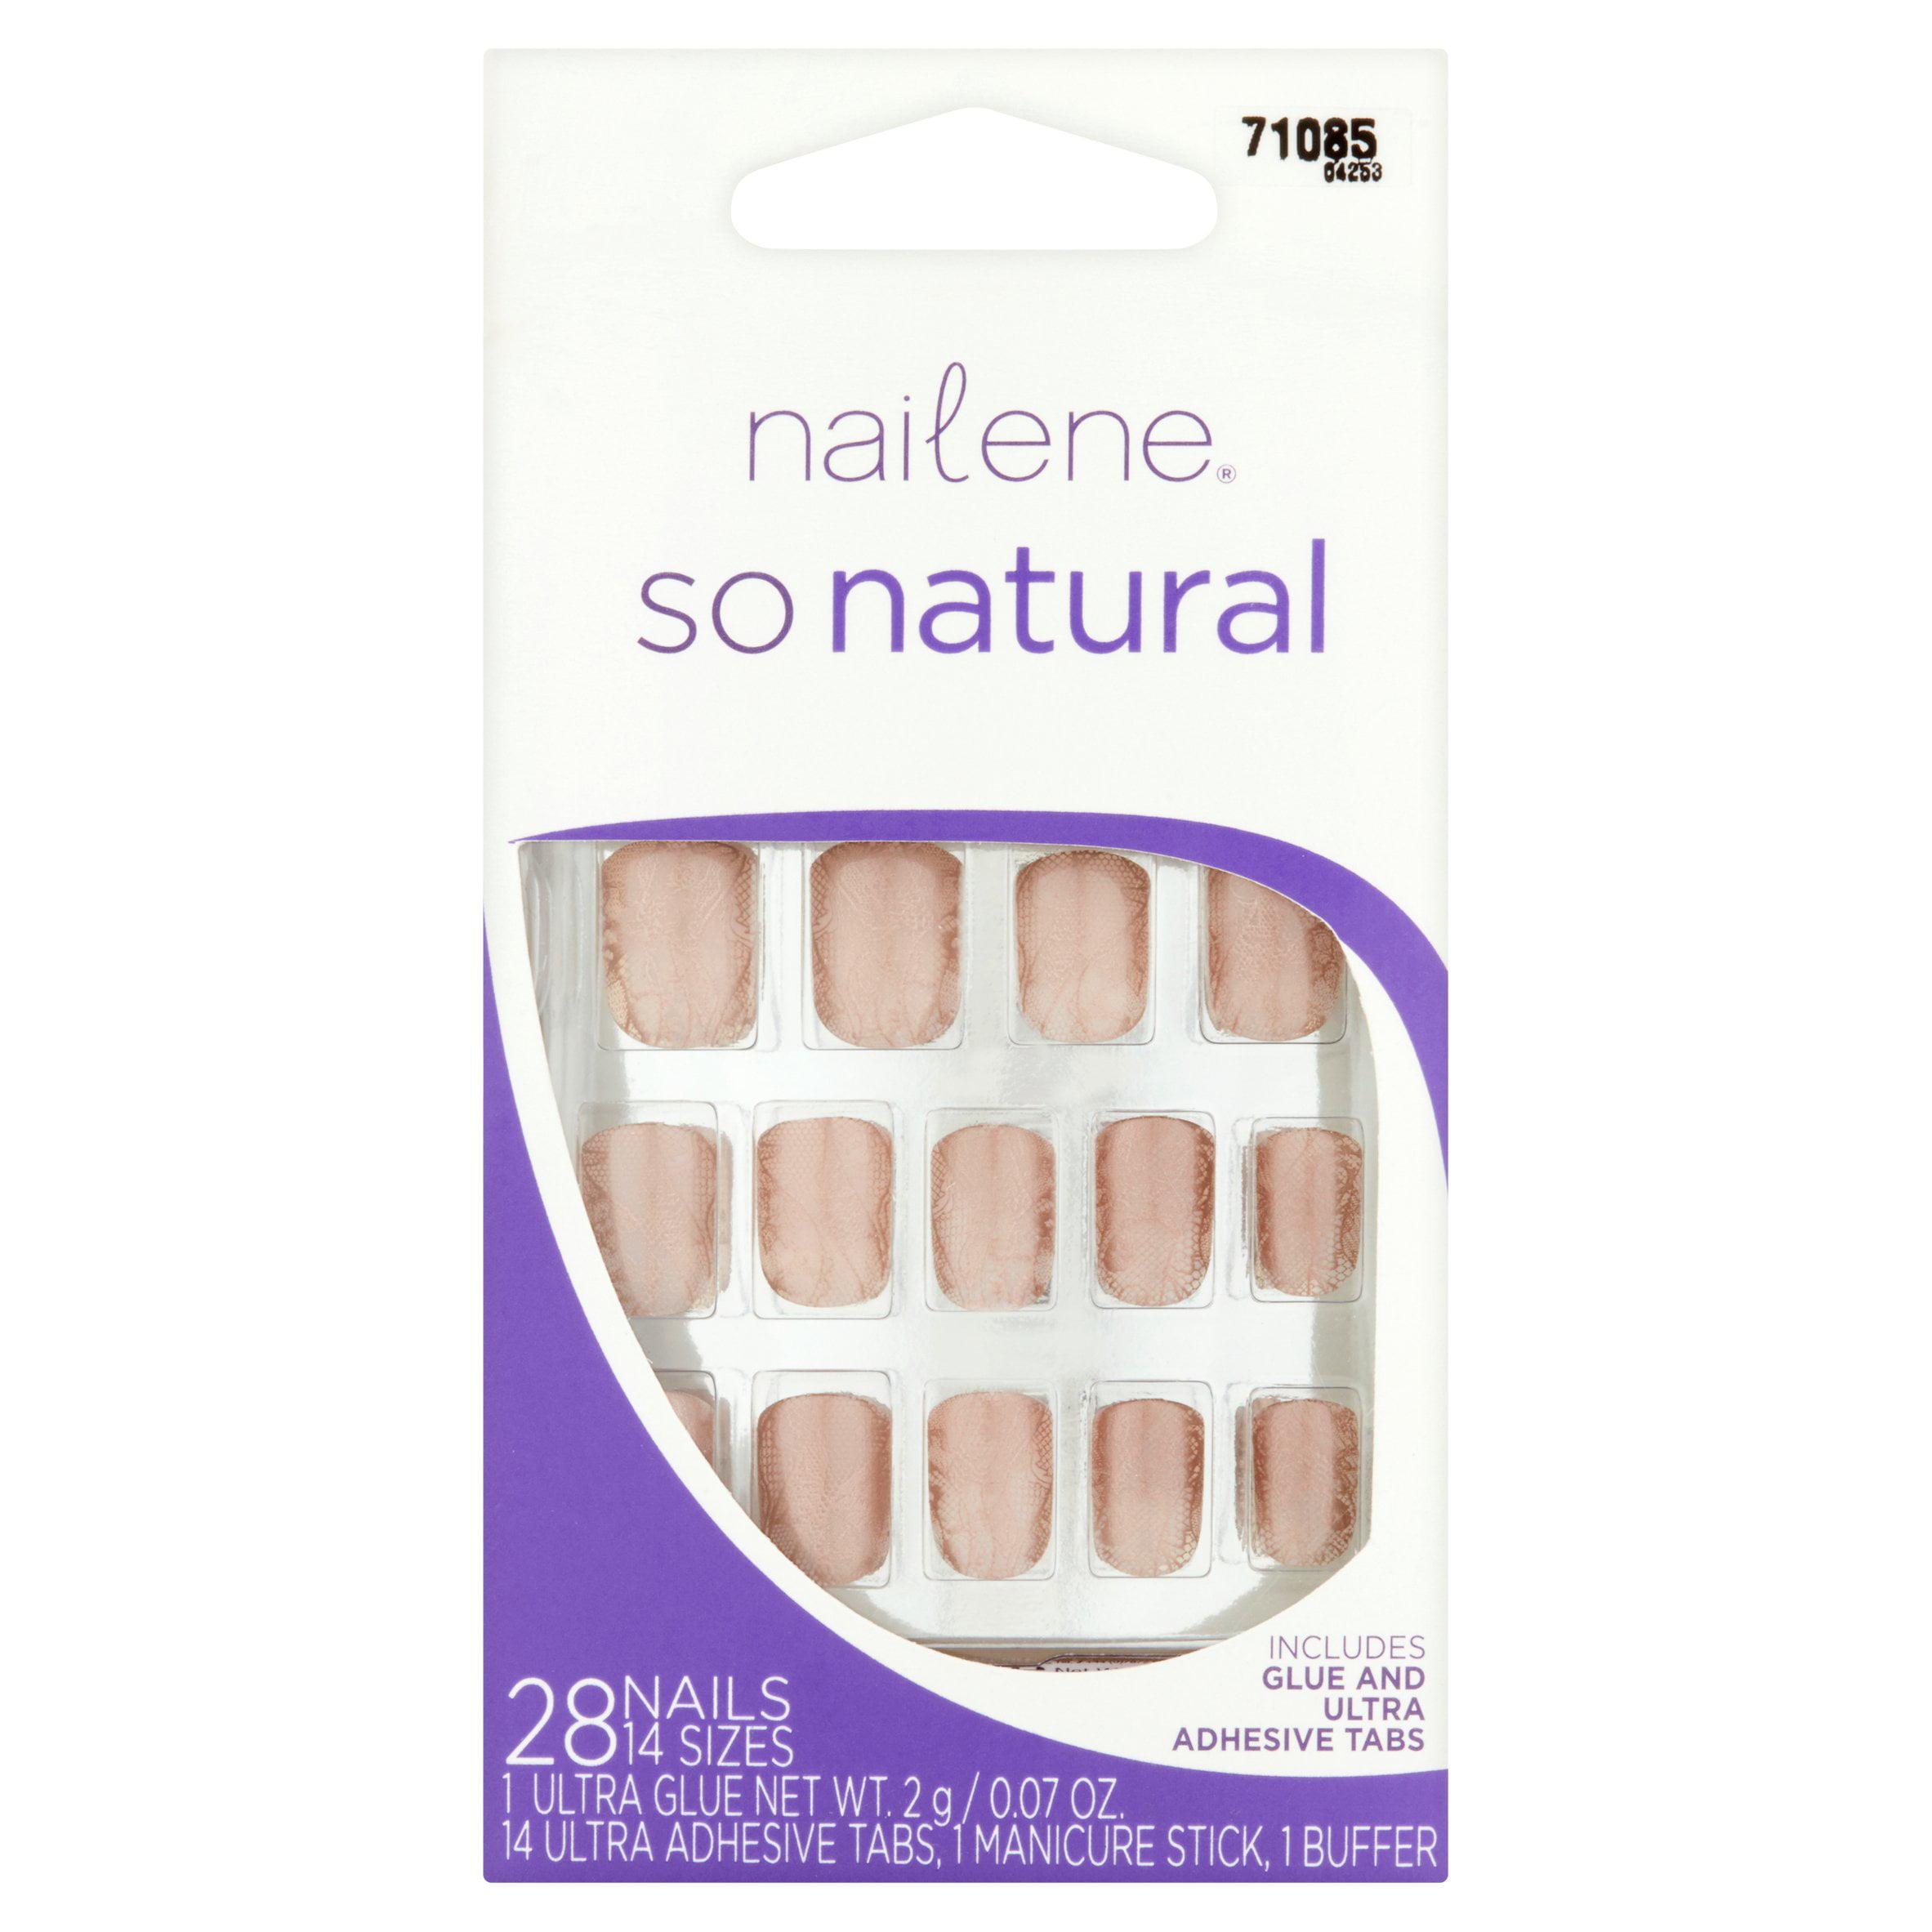 Nailene So Natural Nails, 28 count - Walmart.com